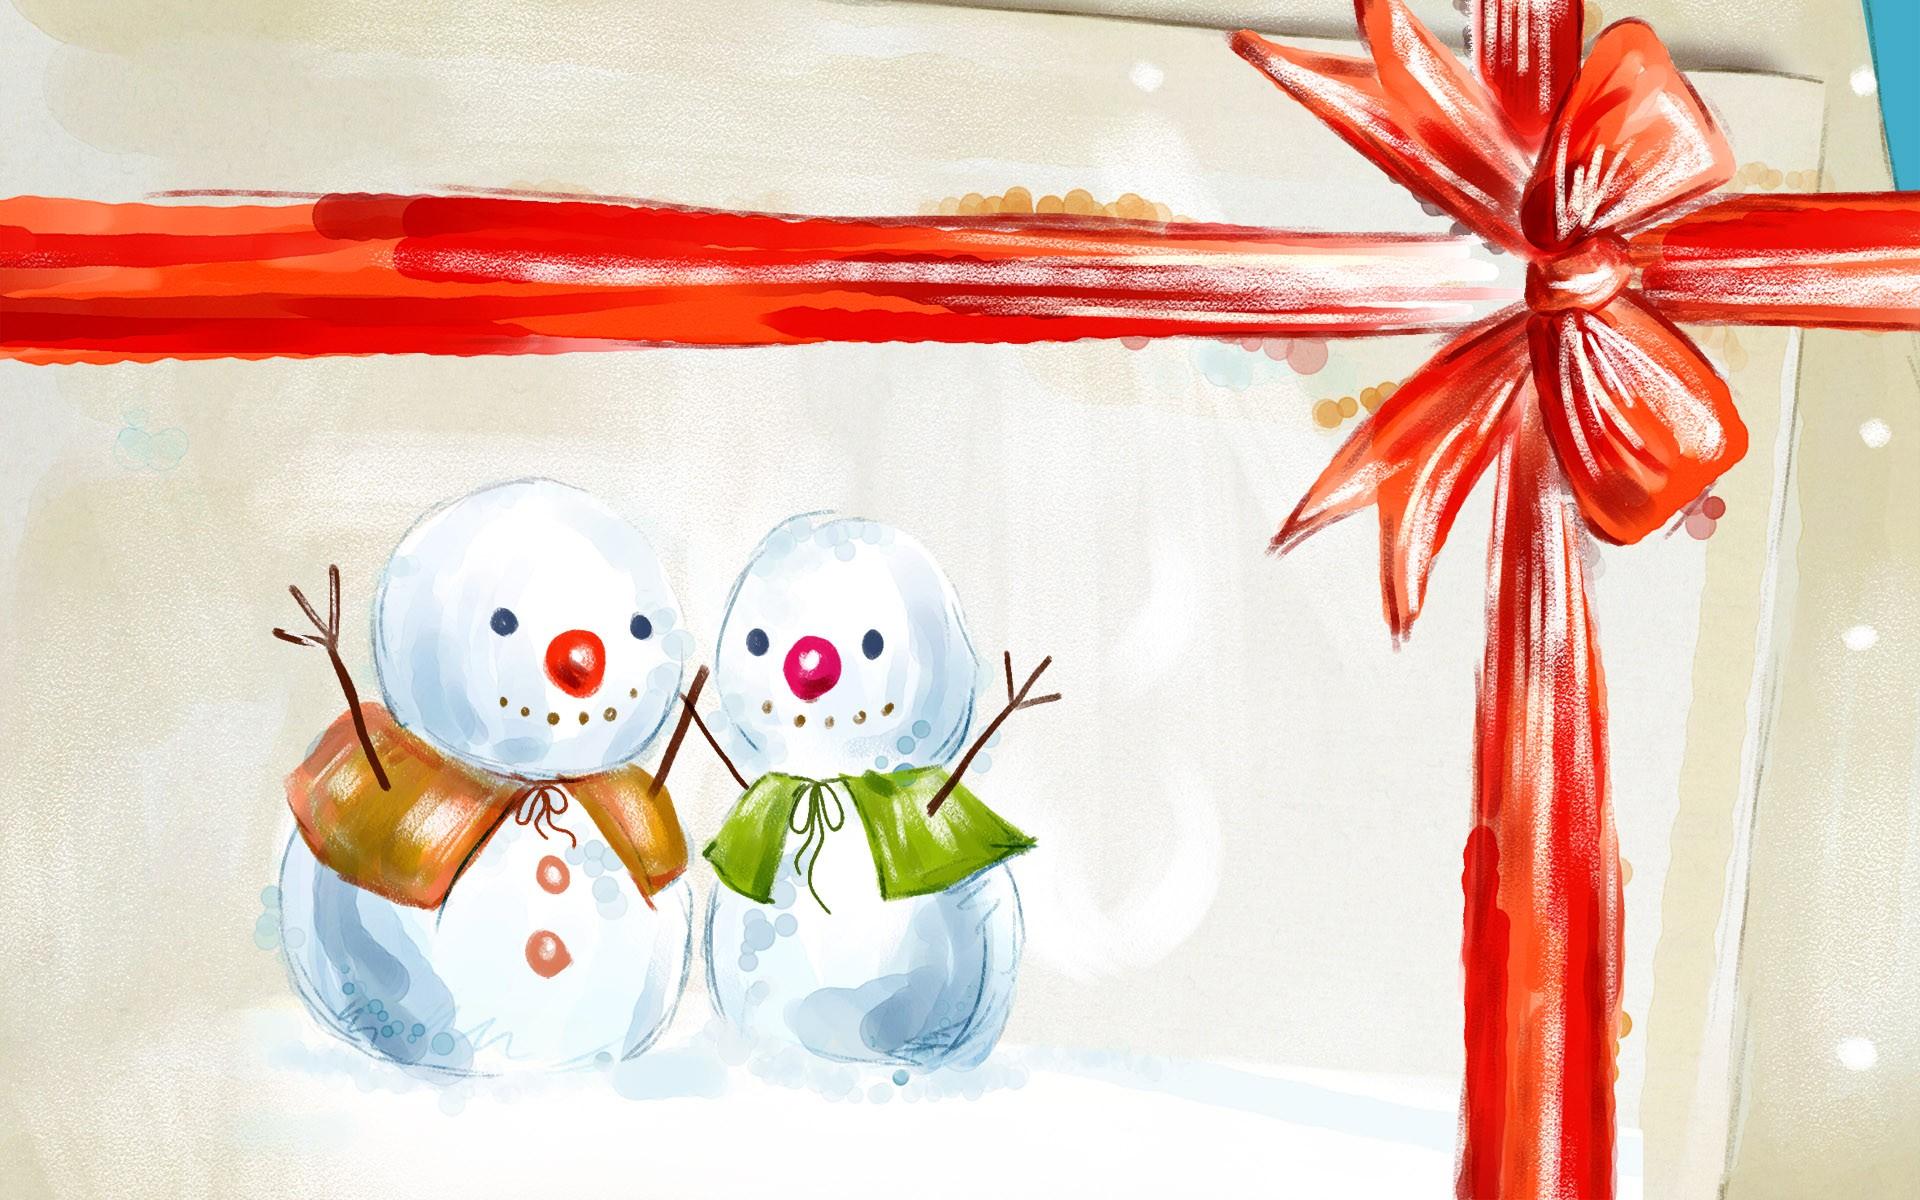 Комиксы смешные, как нарисовать открытку на новый год красками